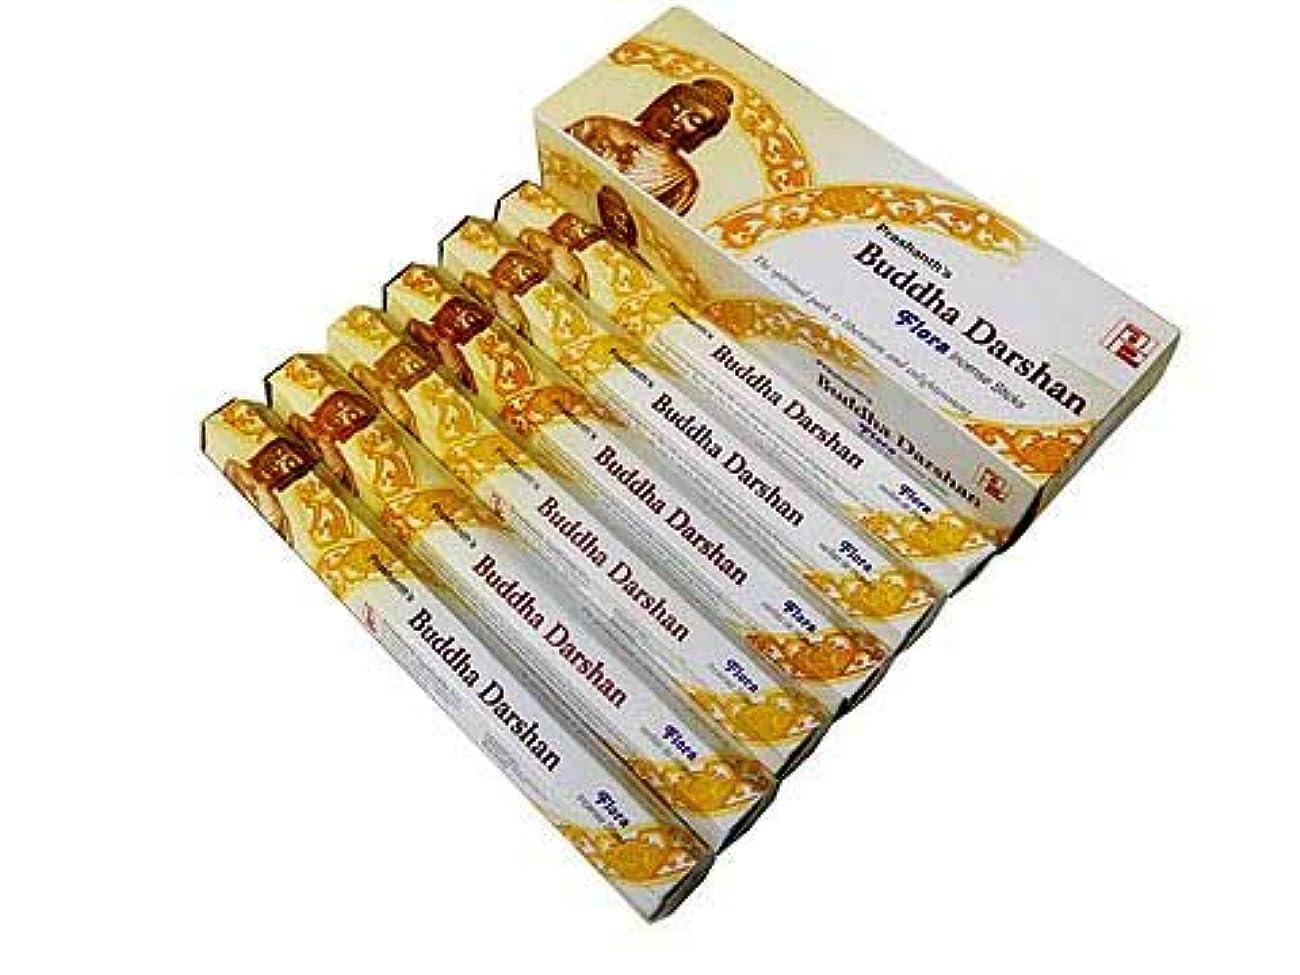 ジェスチャーティーム憲法DARSHAN(ダルシャン) ブッダダルシャン香 マサラスティック PRASHANTH'S BUDDHA 6箱セット